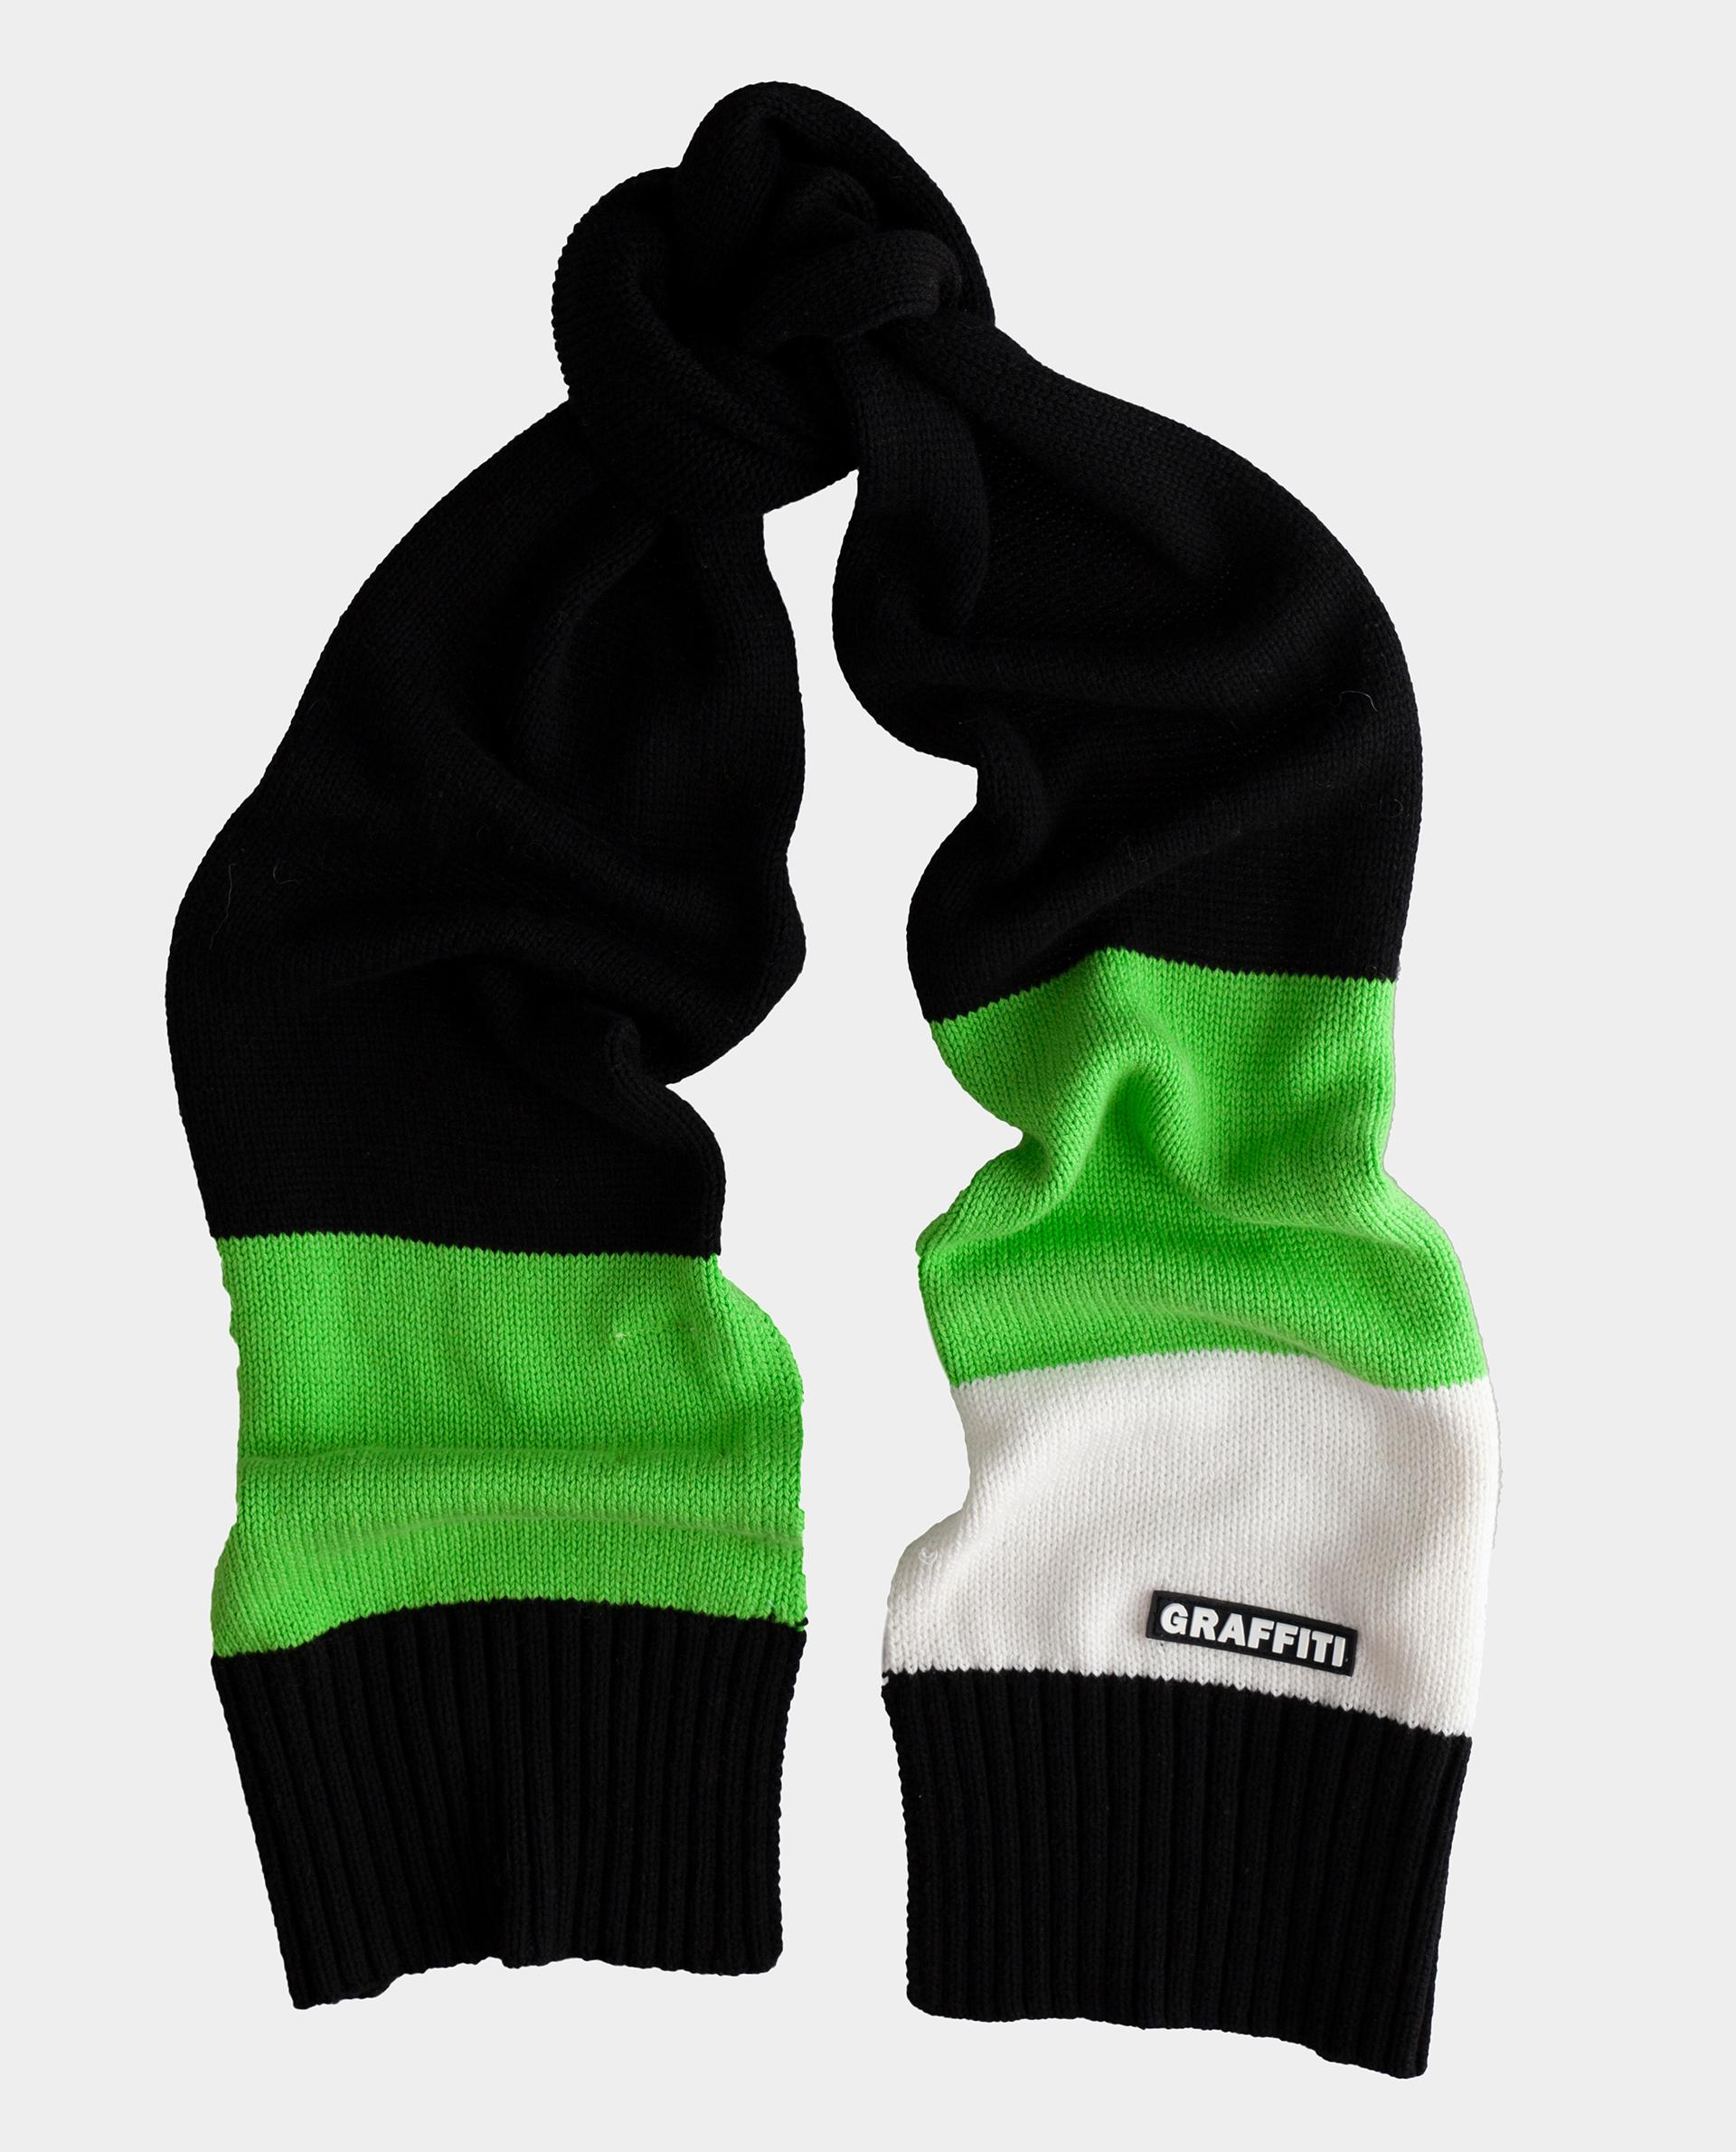 Купить 22012BJC7503, Черный шарф вязаный Gulliver, черный, 160*23, Вязаный трикотаж, Мужской, Демисезон, ОСЕНЬ/ЗИМА 2020-2021 (shop: GulliverMarket Gulliver Market)